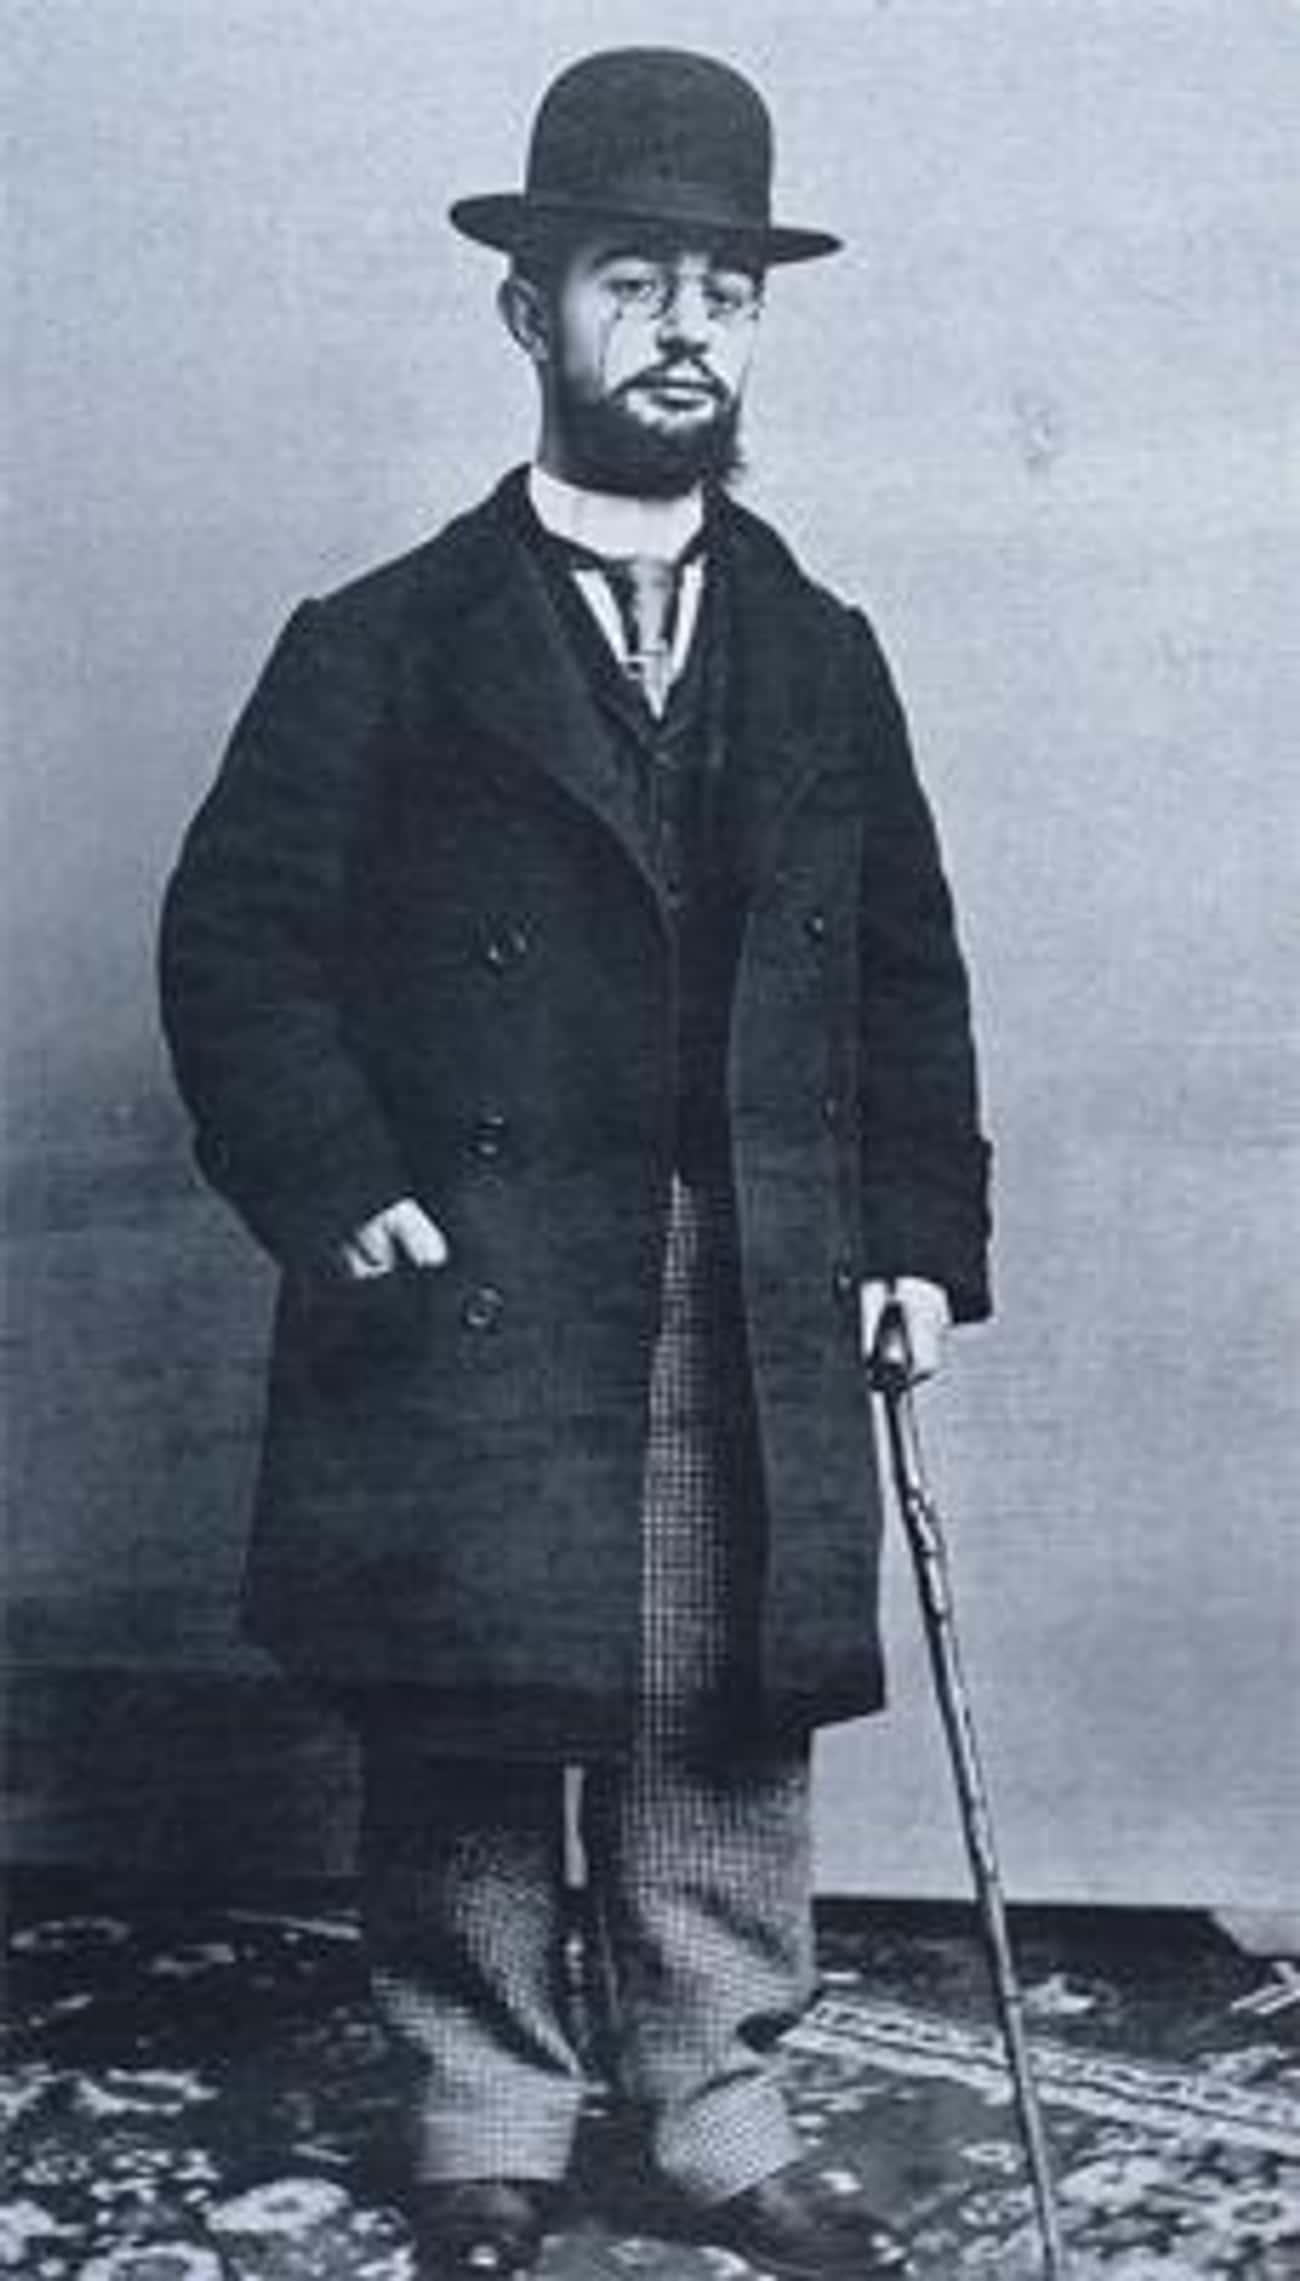 Henri de Toulouse-Lautrec is listed (or ranked) 4 on the list Famous Art Nouveau Artists